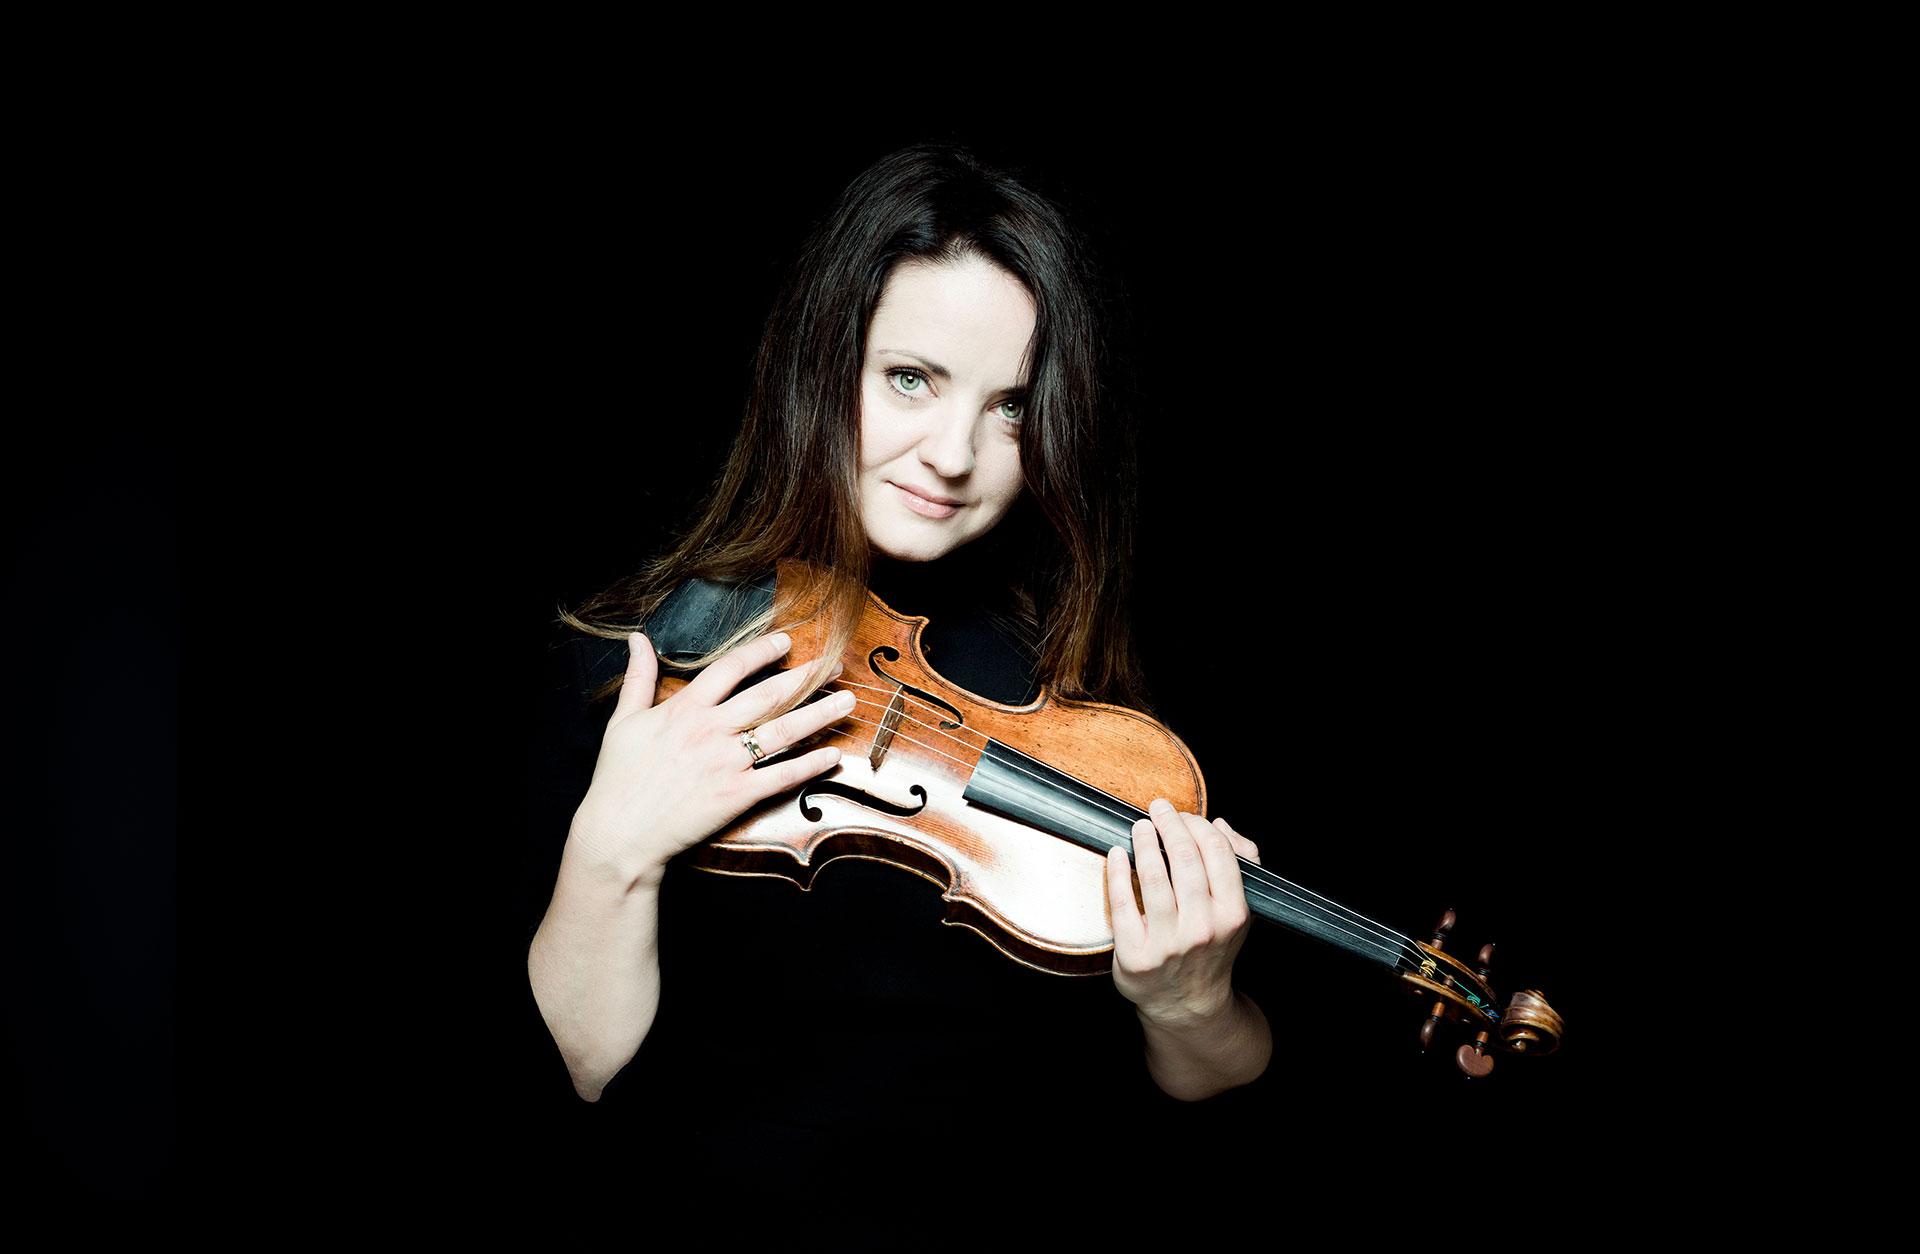 Violinisten Baiba Skride håller i sin violin.